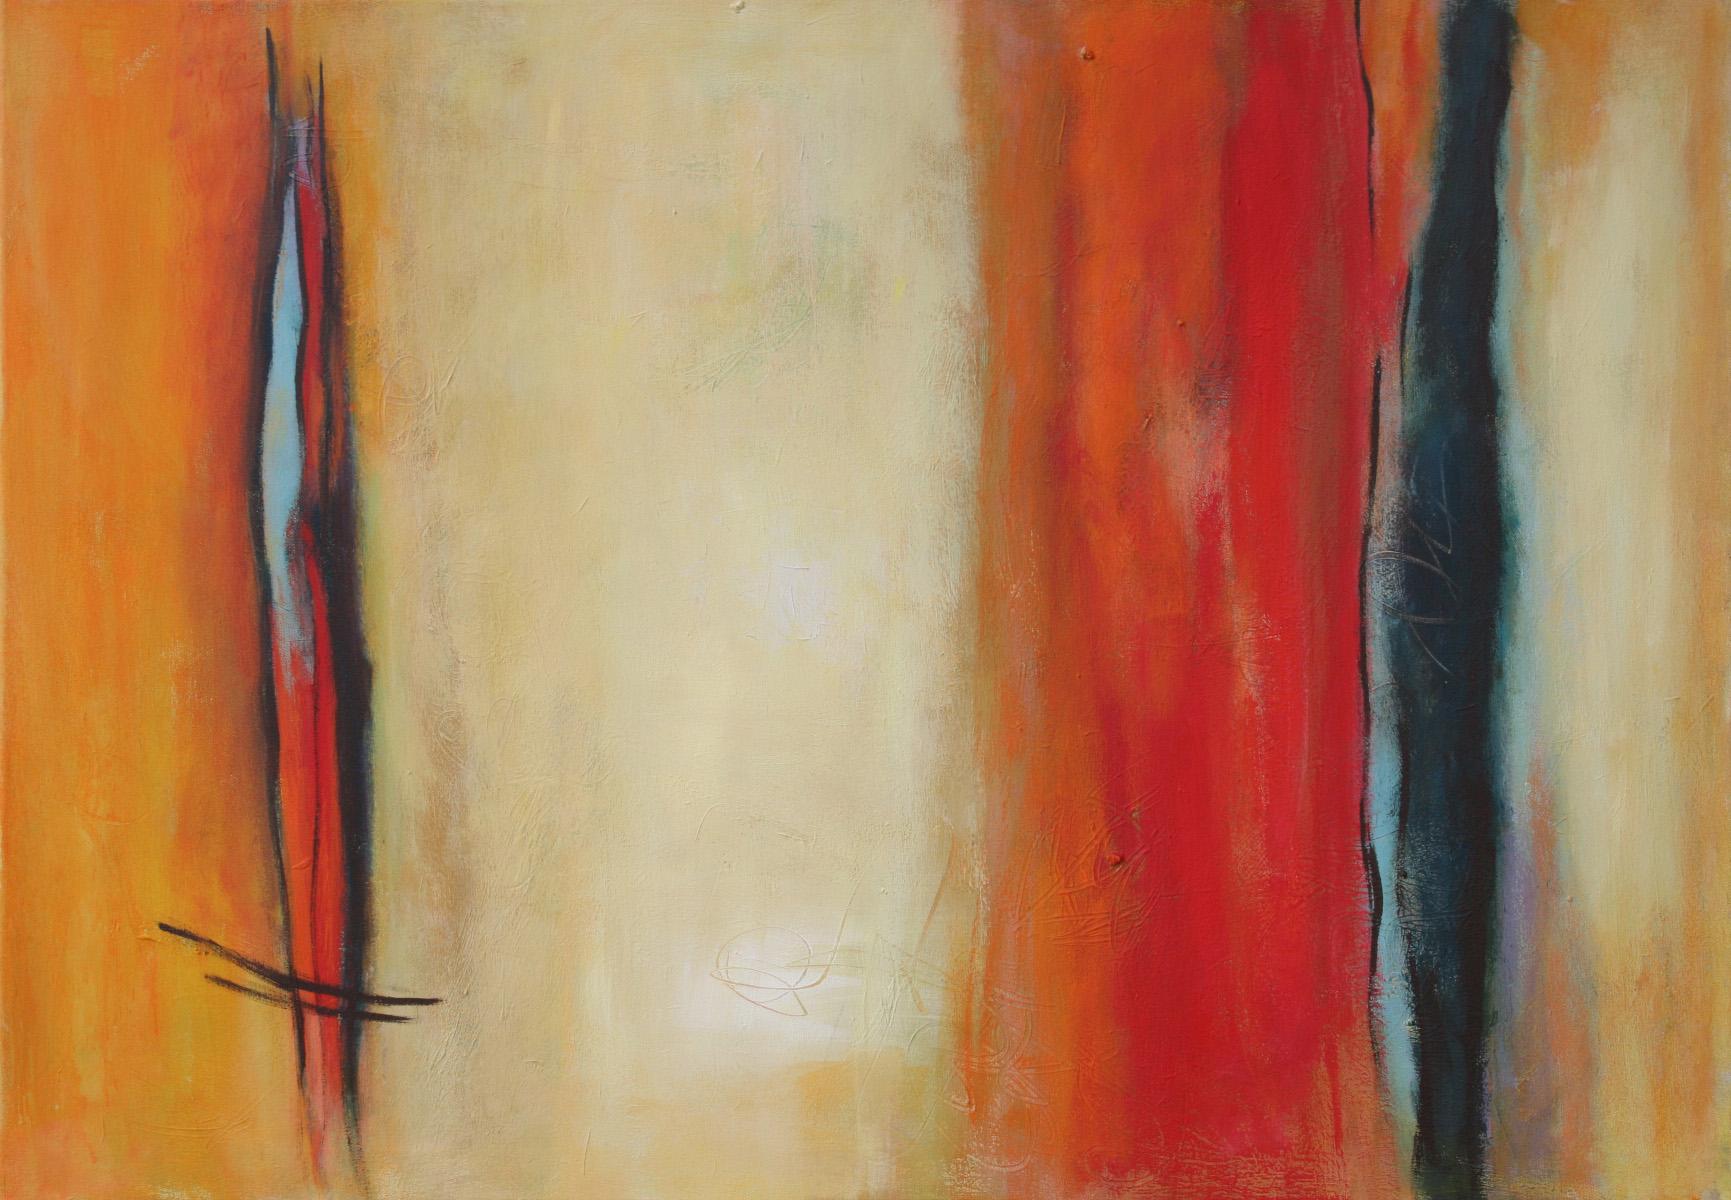 Silence I, Öl und Acryl auf Leinwand, 70 x 100 cm